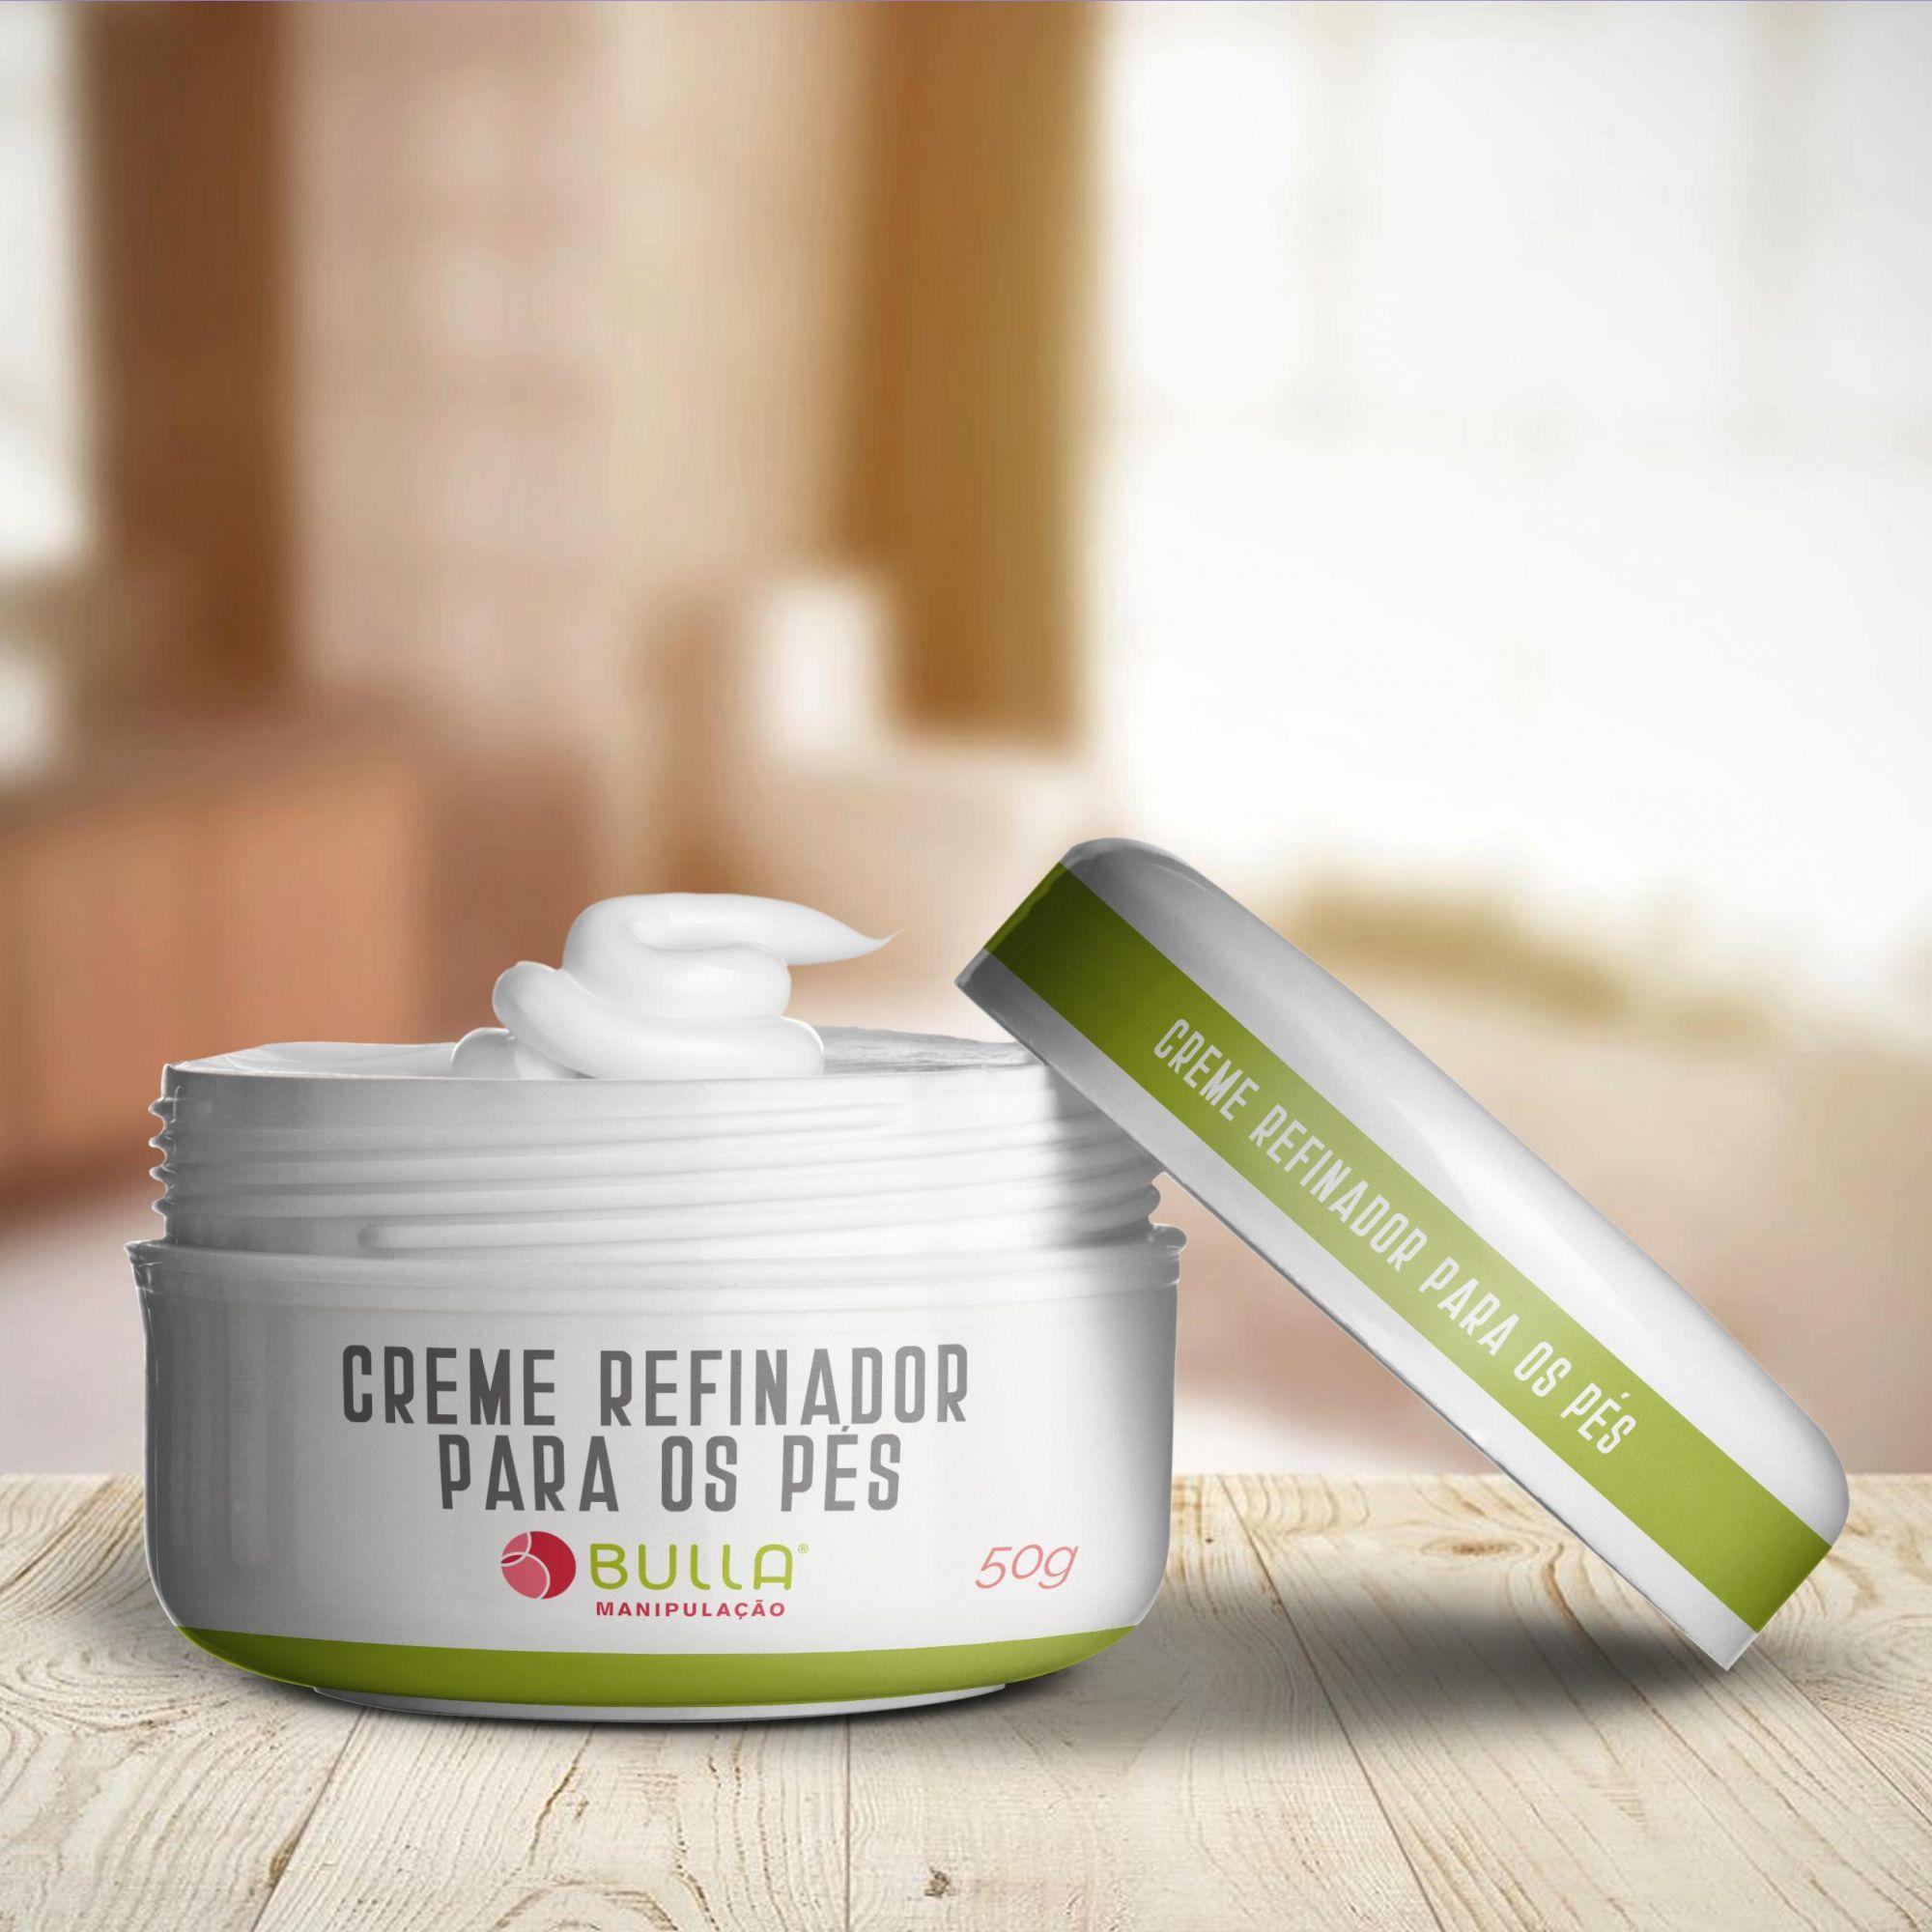 Creme Refinador para Pés - 50g  - Bulla Farmácia de Manipulação